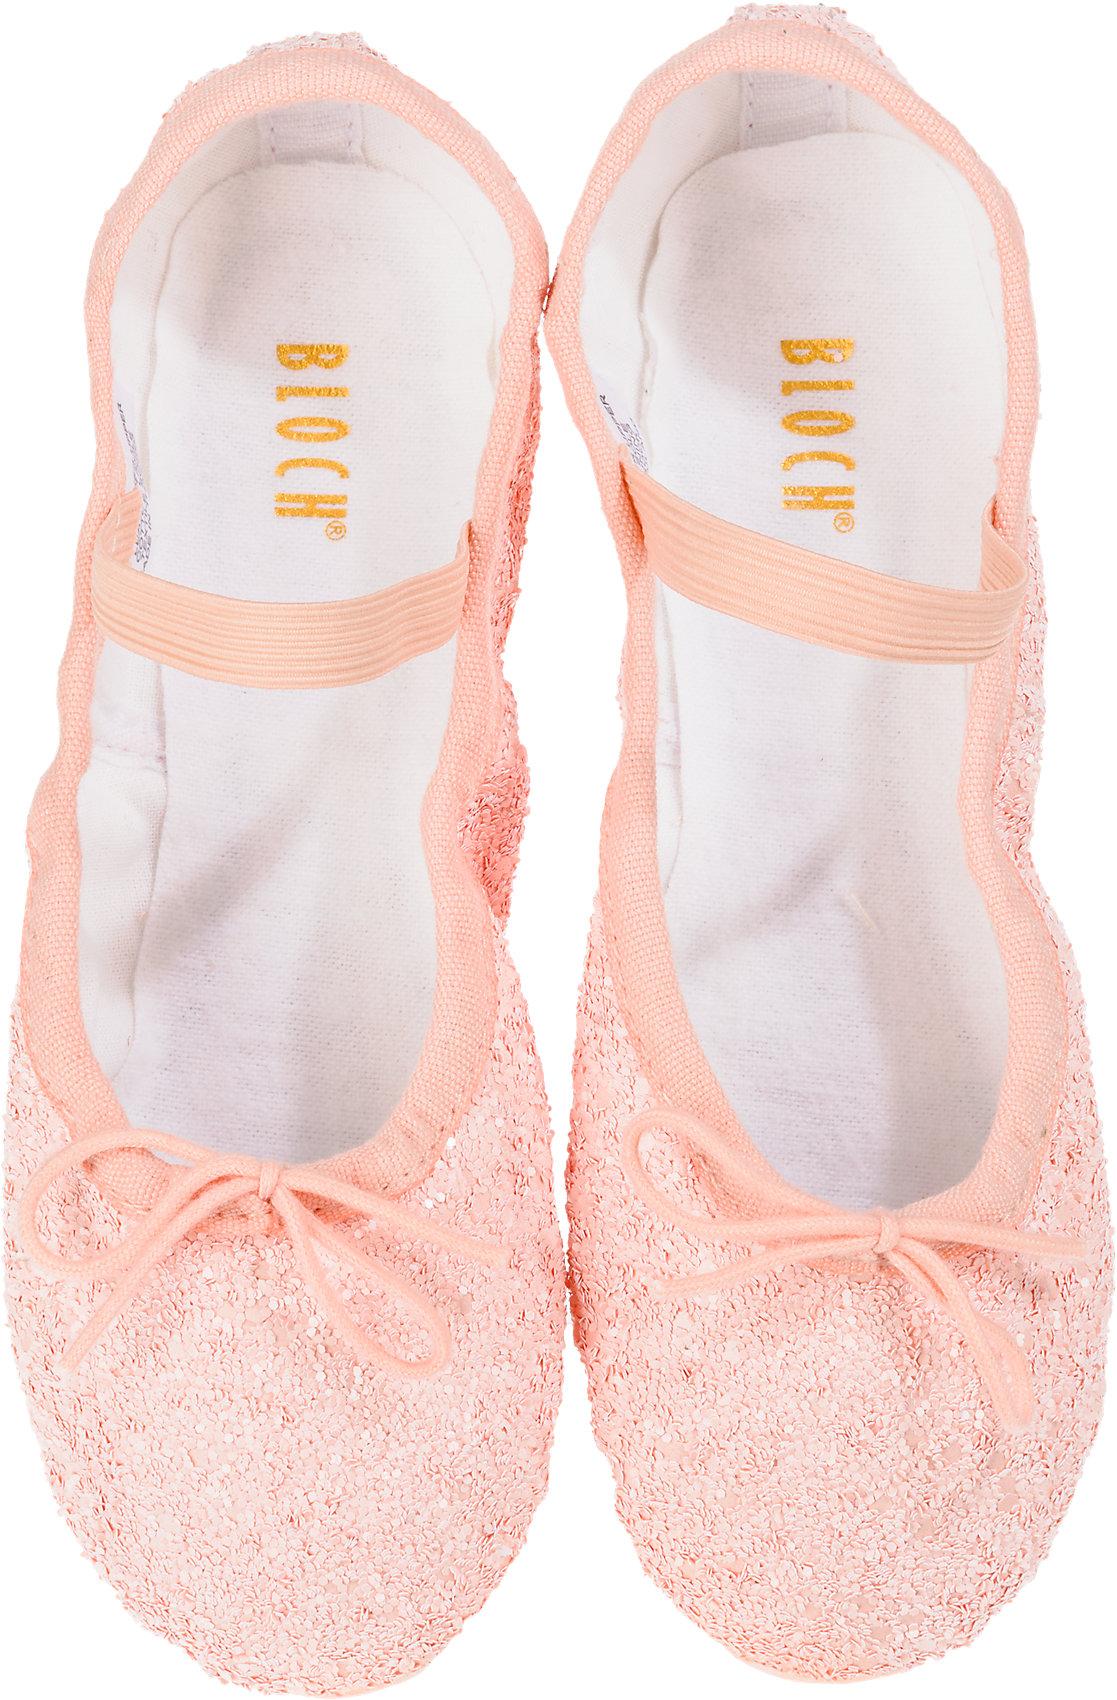 Details zu Neu BLOCH Kinder Glitzer Ballettschuhe 7210587 für Mädchen rosa weiß